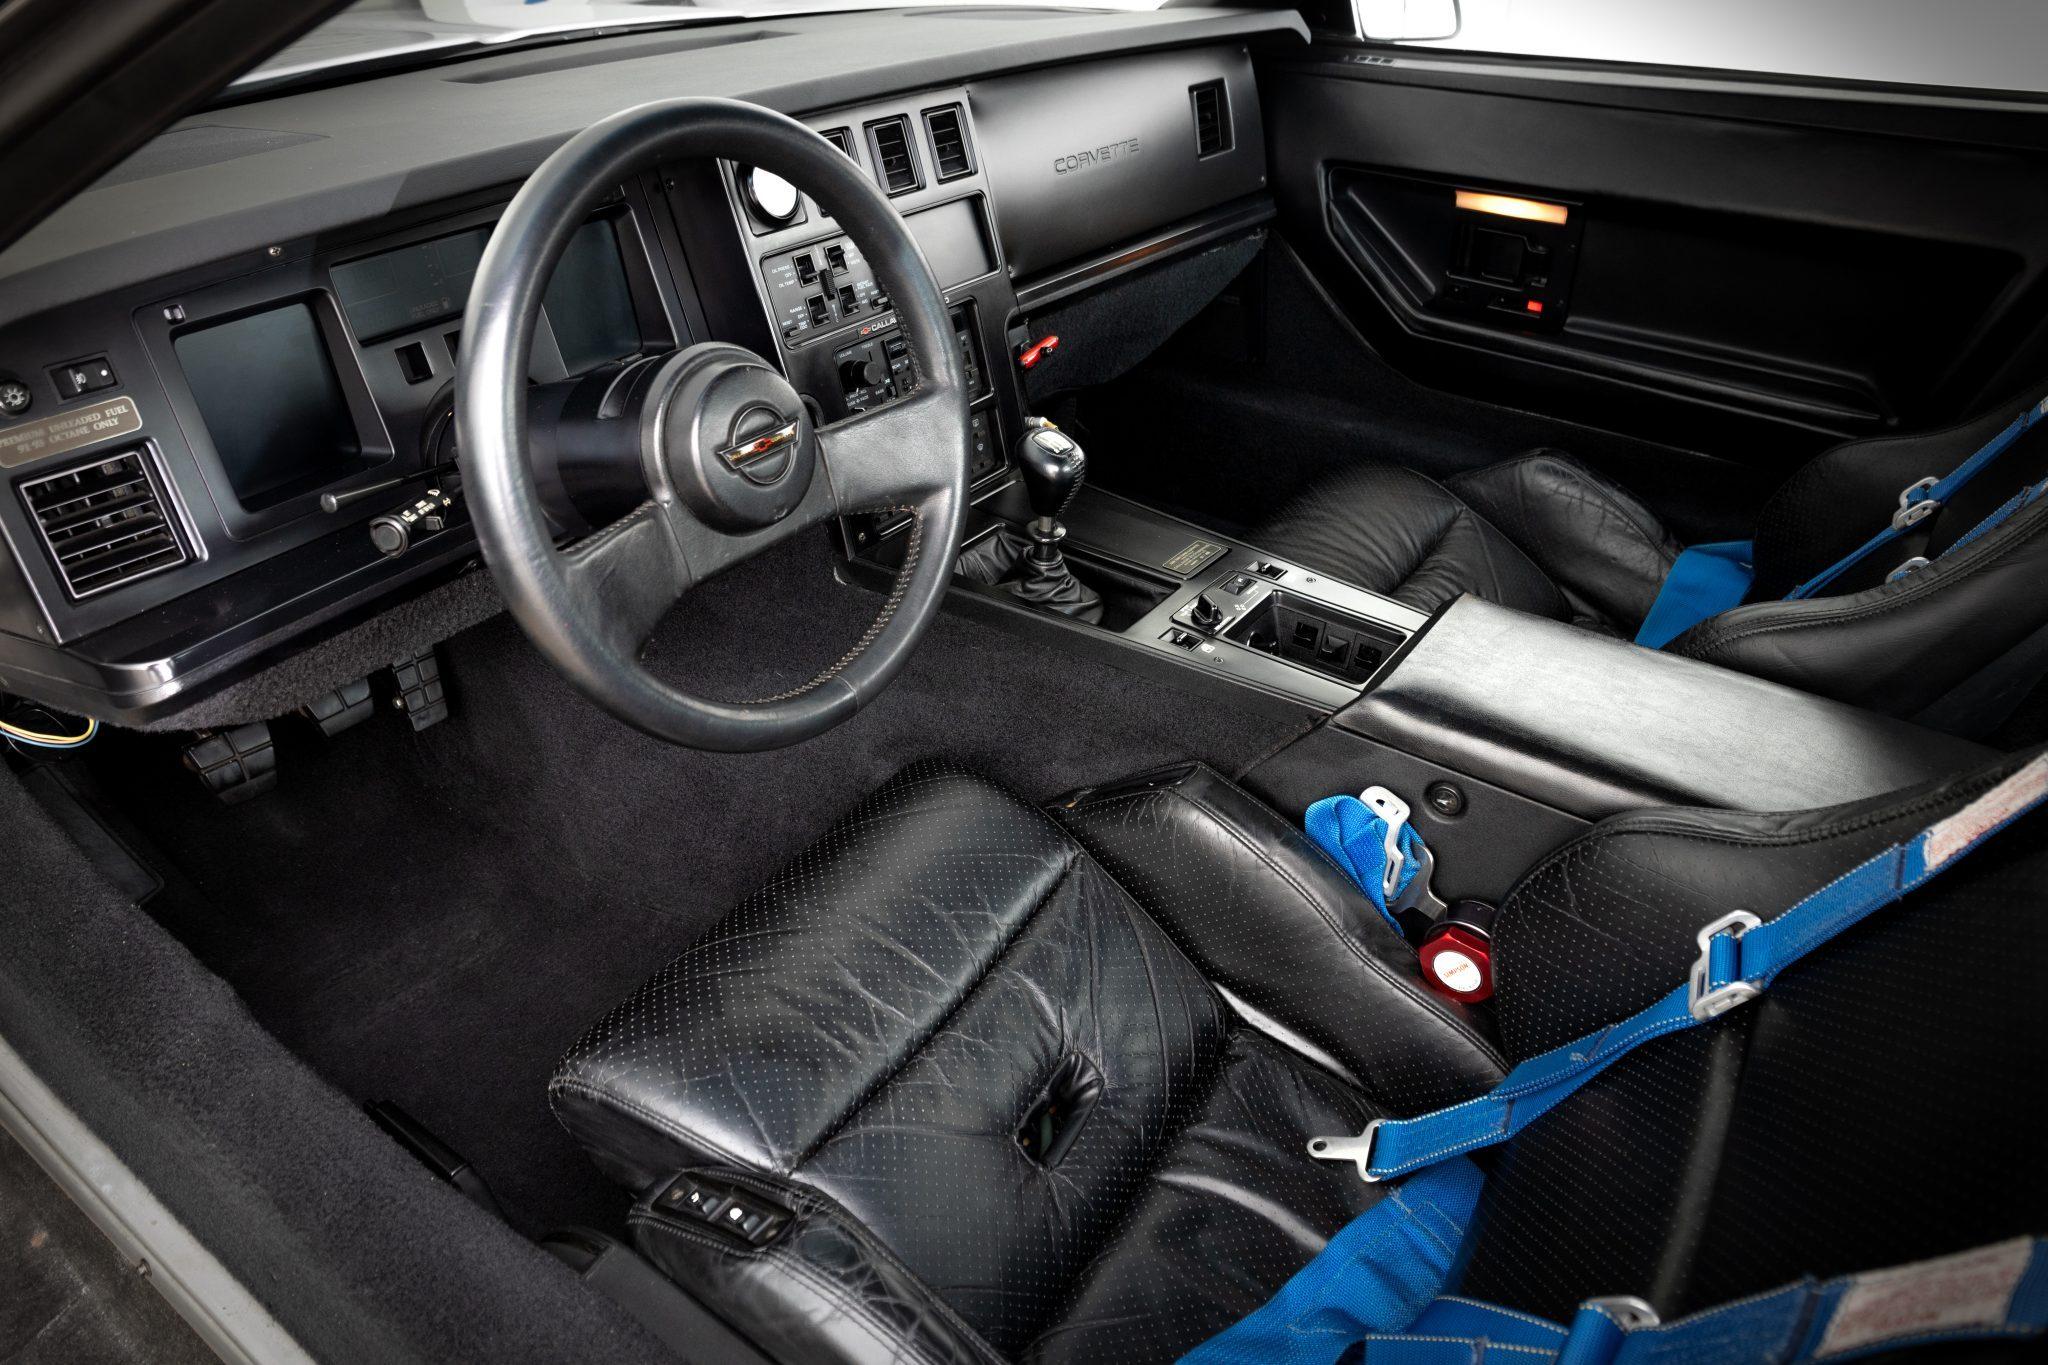 1988 Chevrolet Corvette Callaway SledgeHammer BaT interior